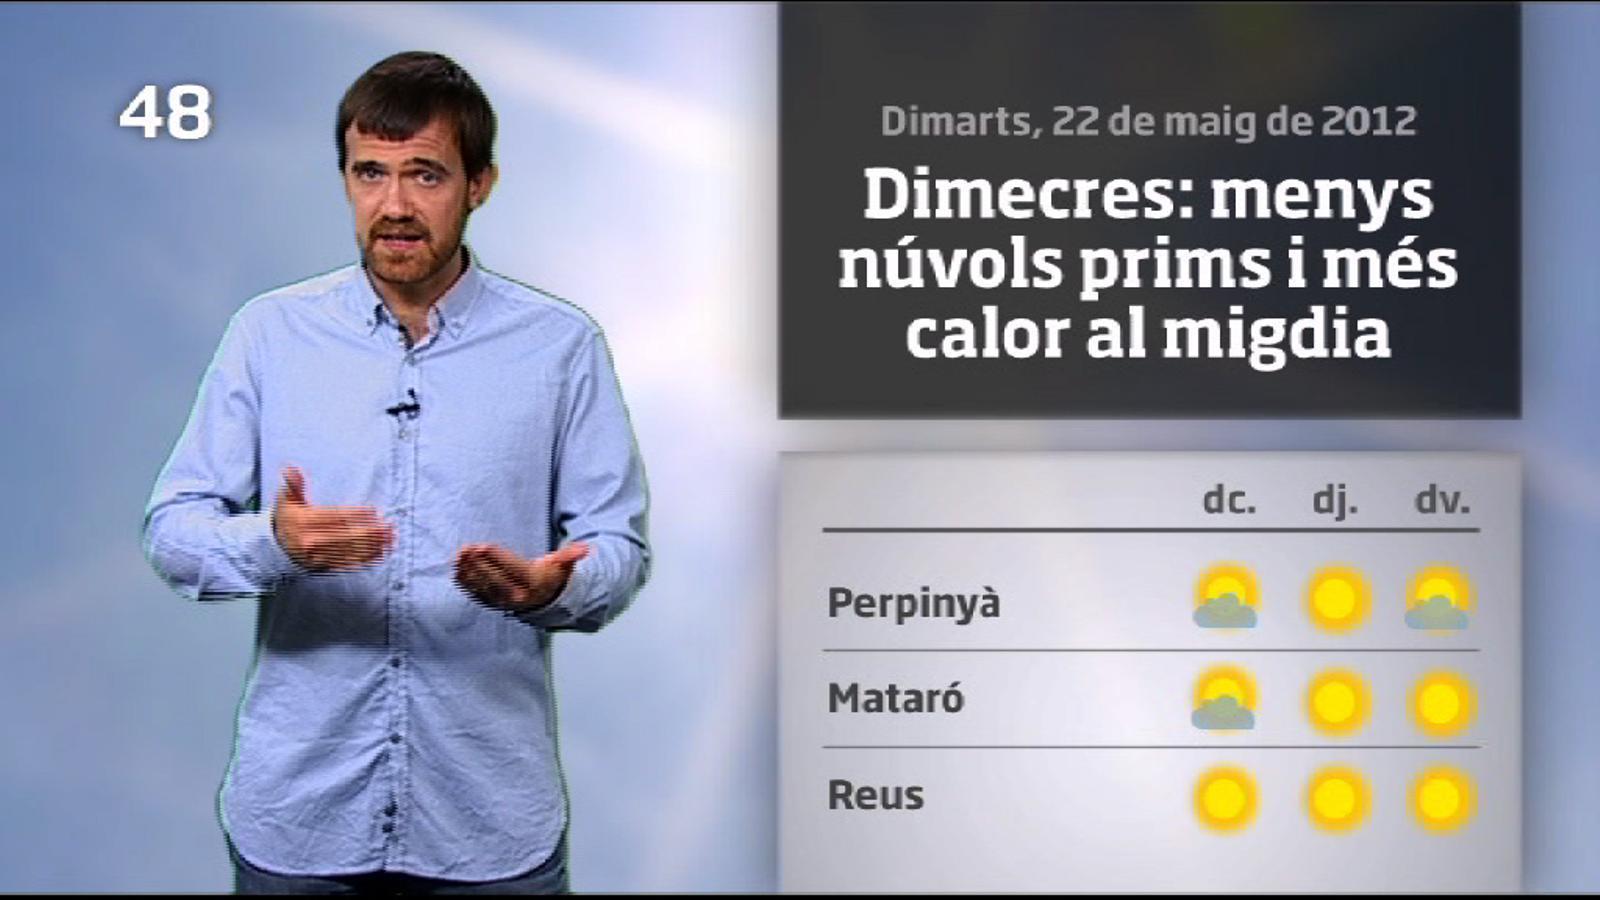 La méteo en 1 minut: calor d'estiu al centre de la setmana (23/05/2012)